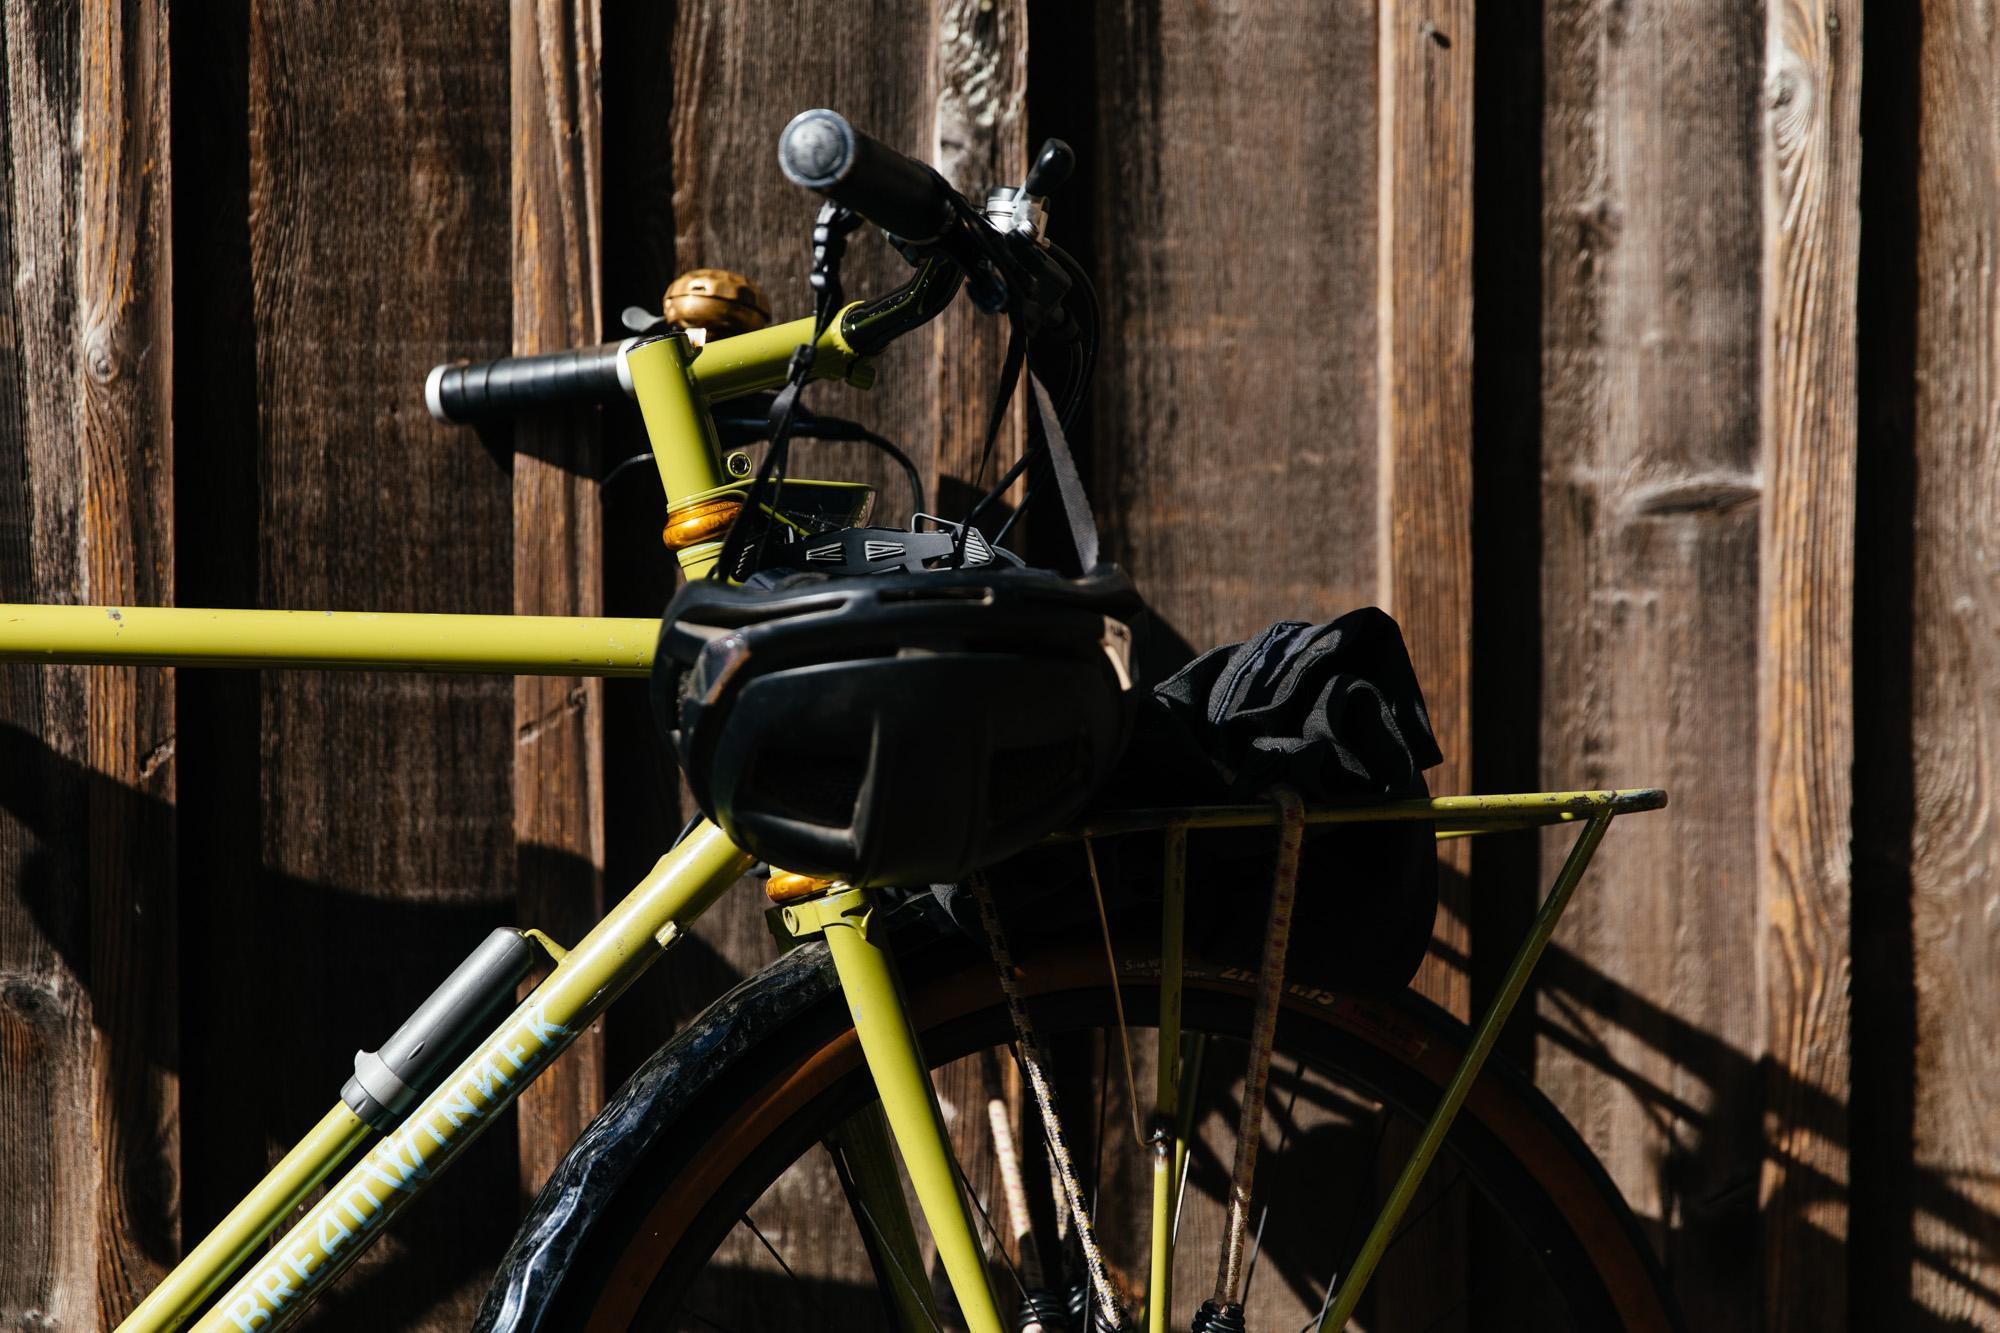 That bike!